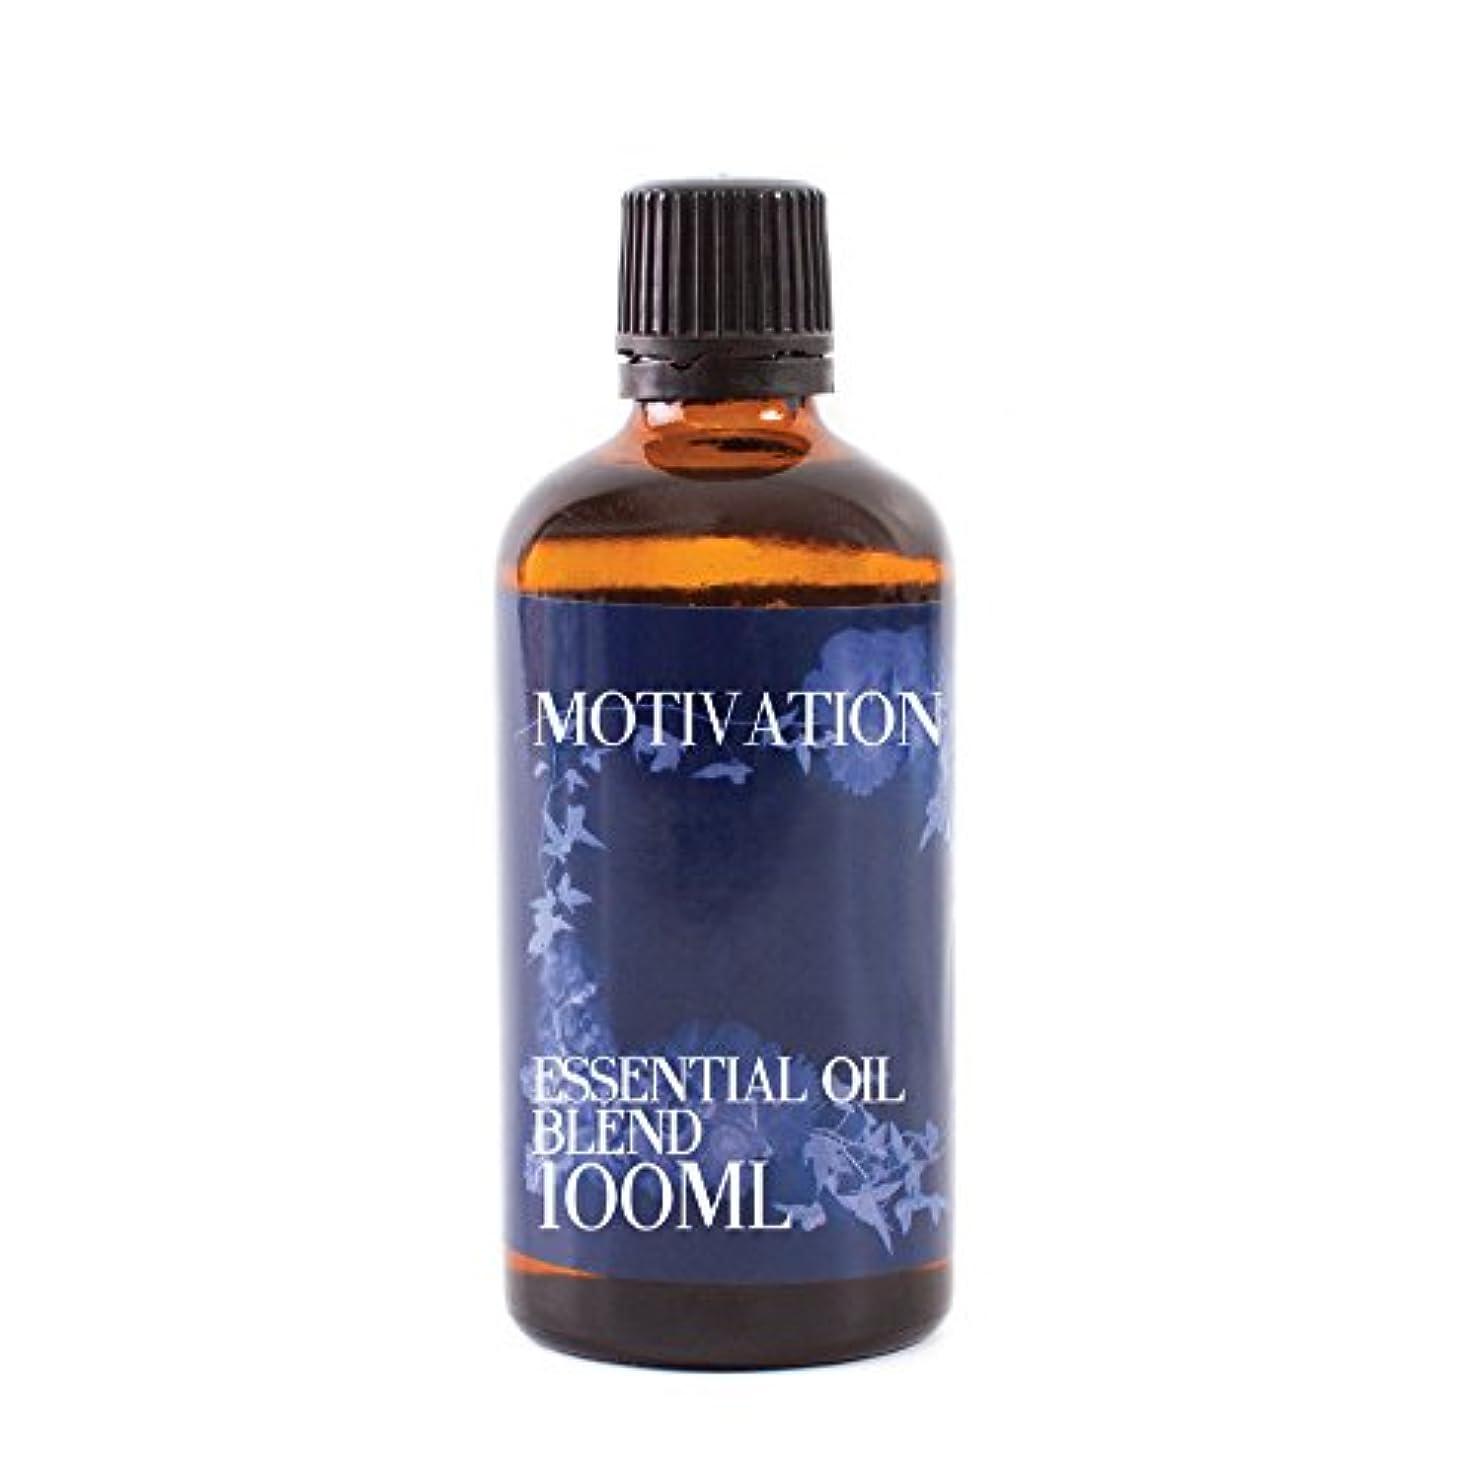 びん簡略化するフラフープMystix London | Motivation Essential Oil Blend - 100ml - 100% Pure